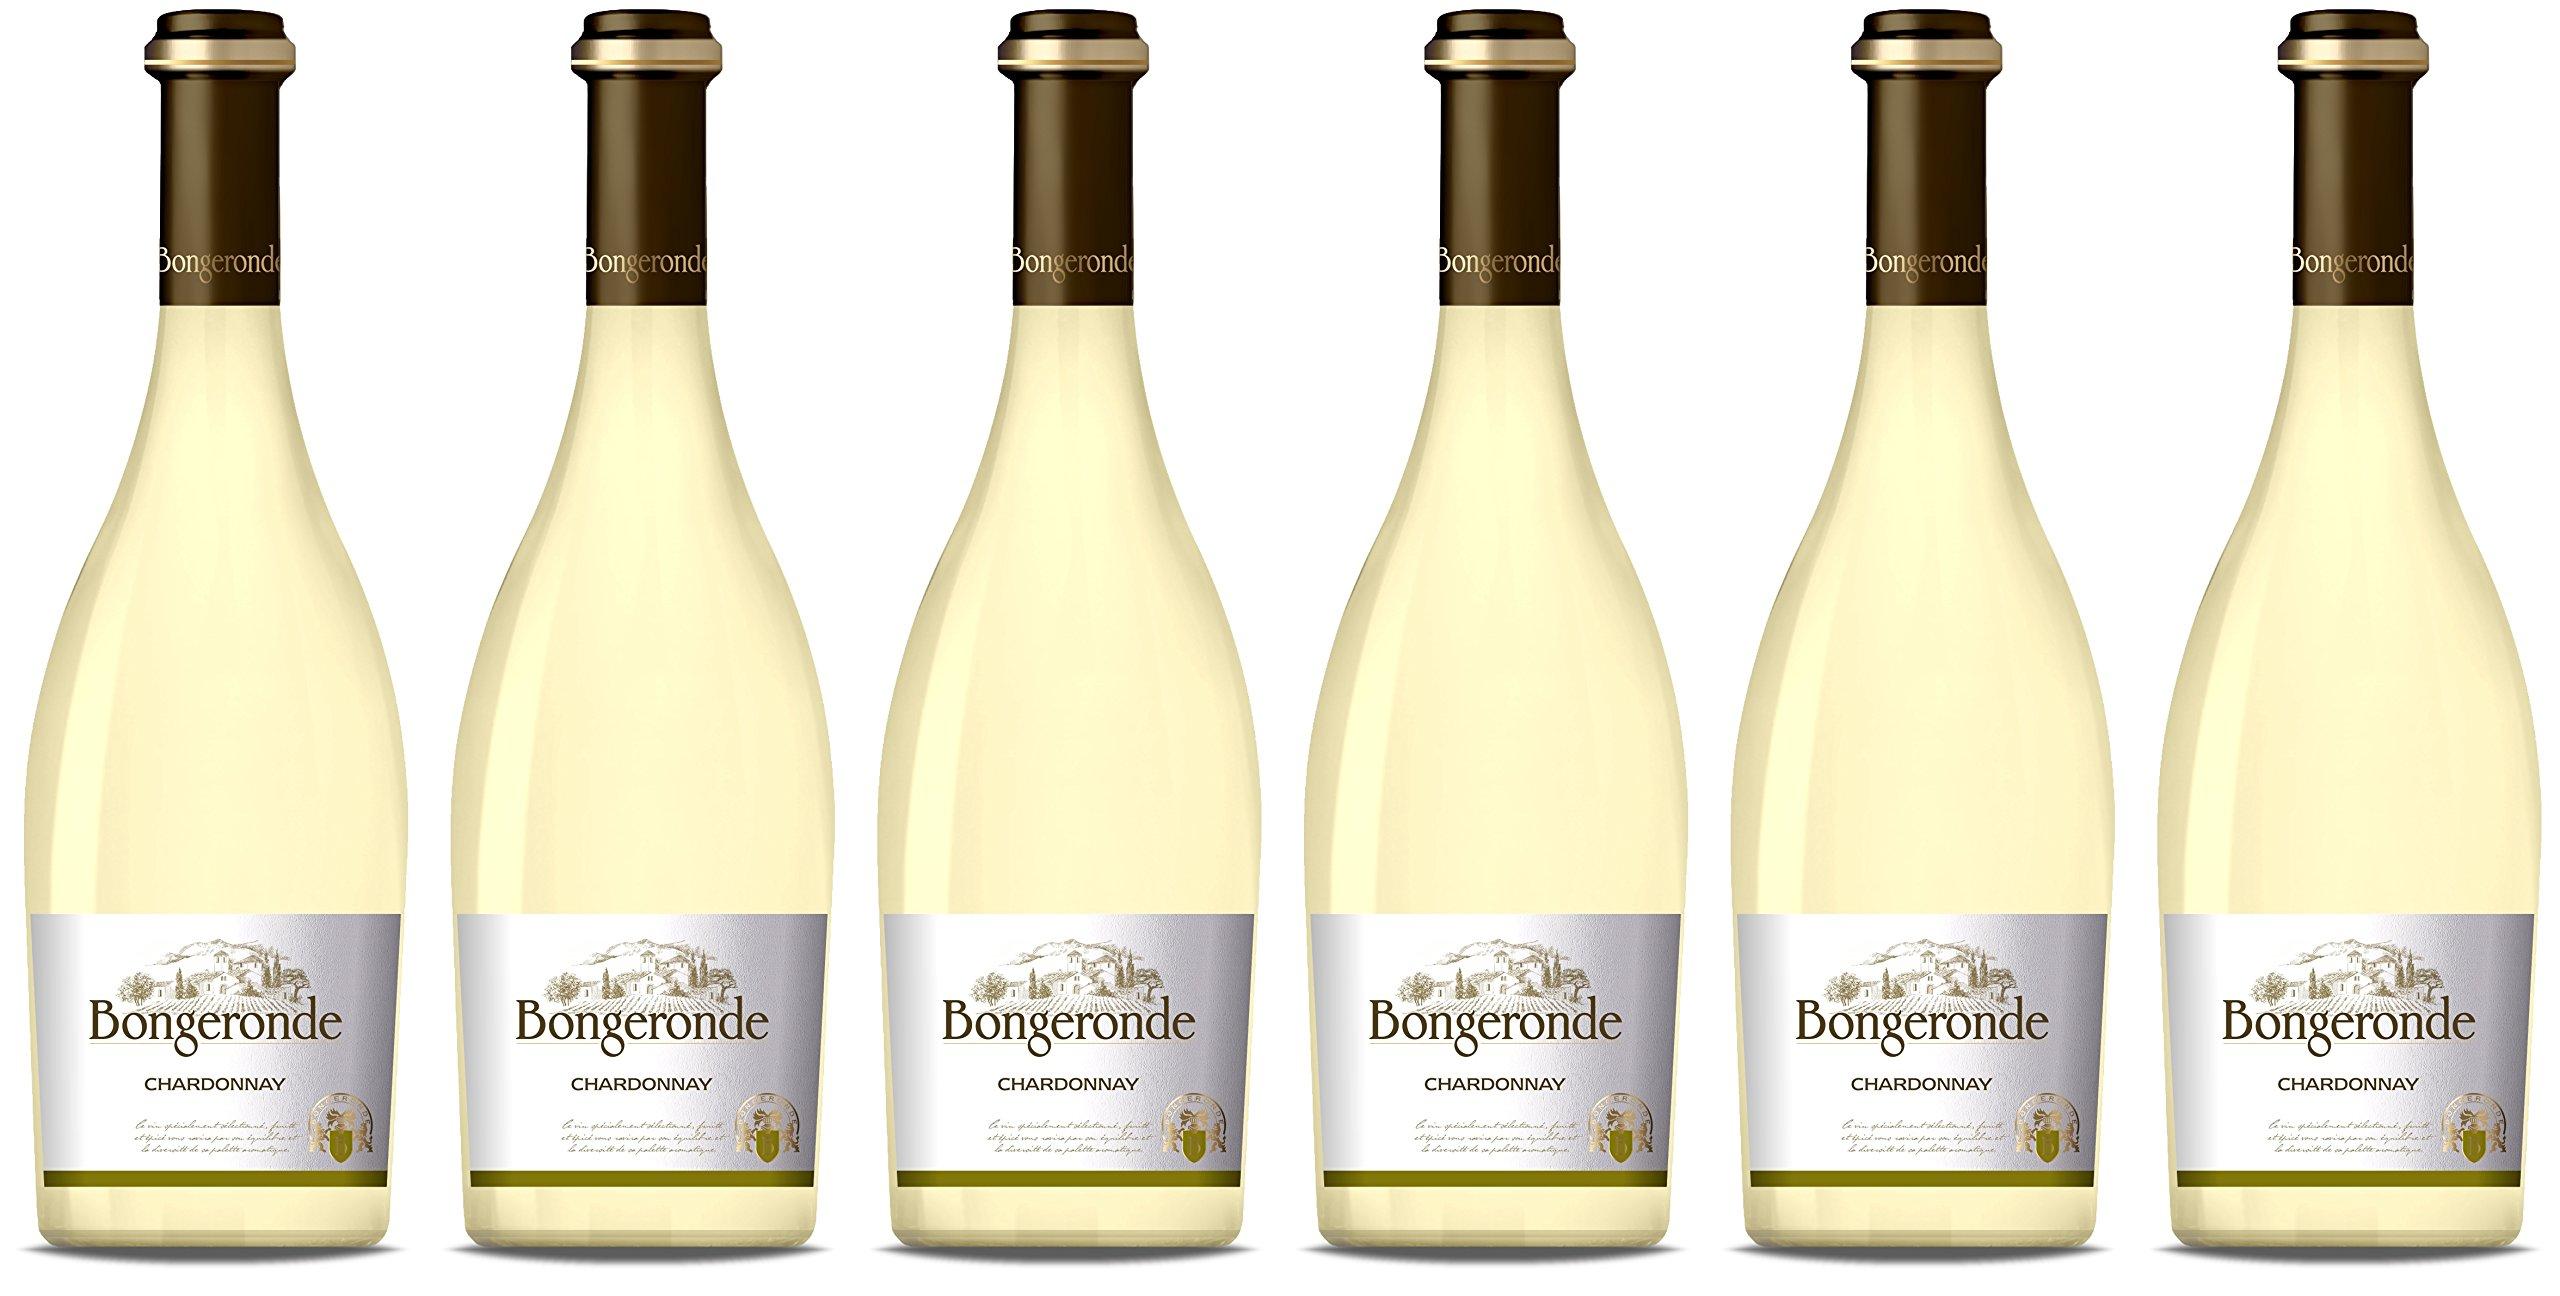 Bongeronde-Chardonnay-Weiwein-2015-6-x-075-l